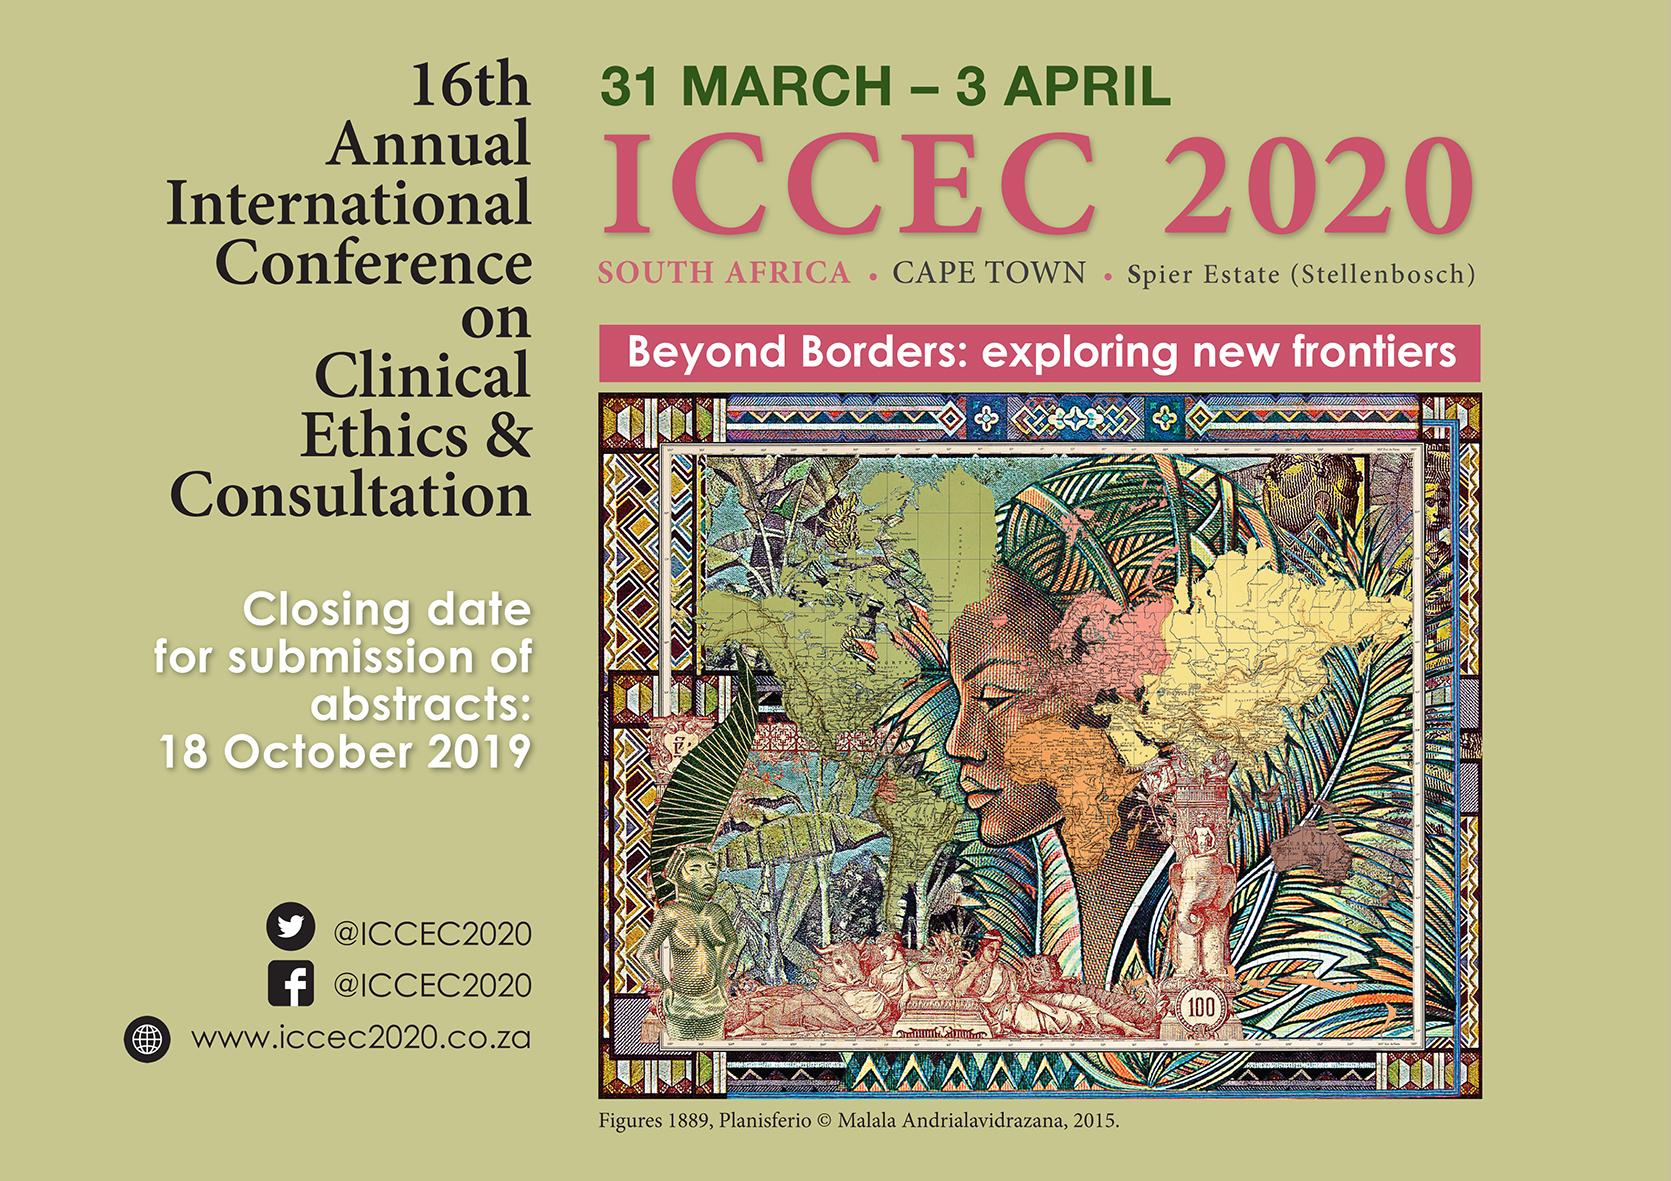 ICCEC 2020